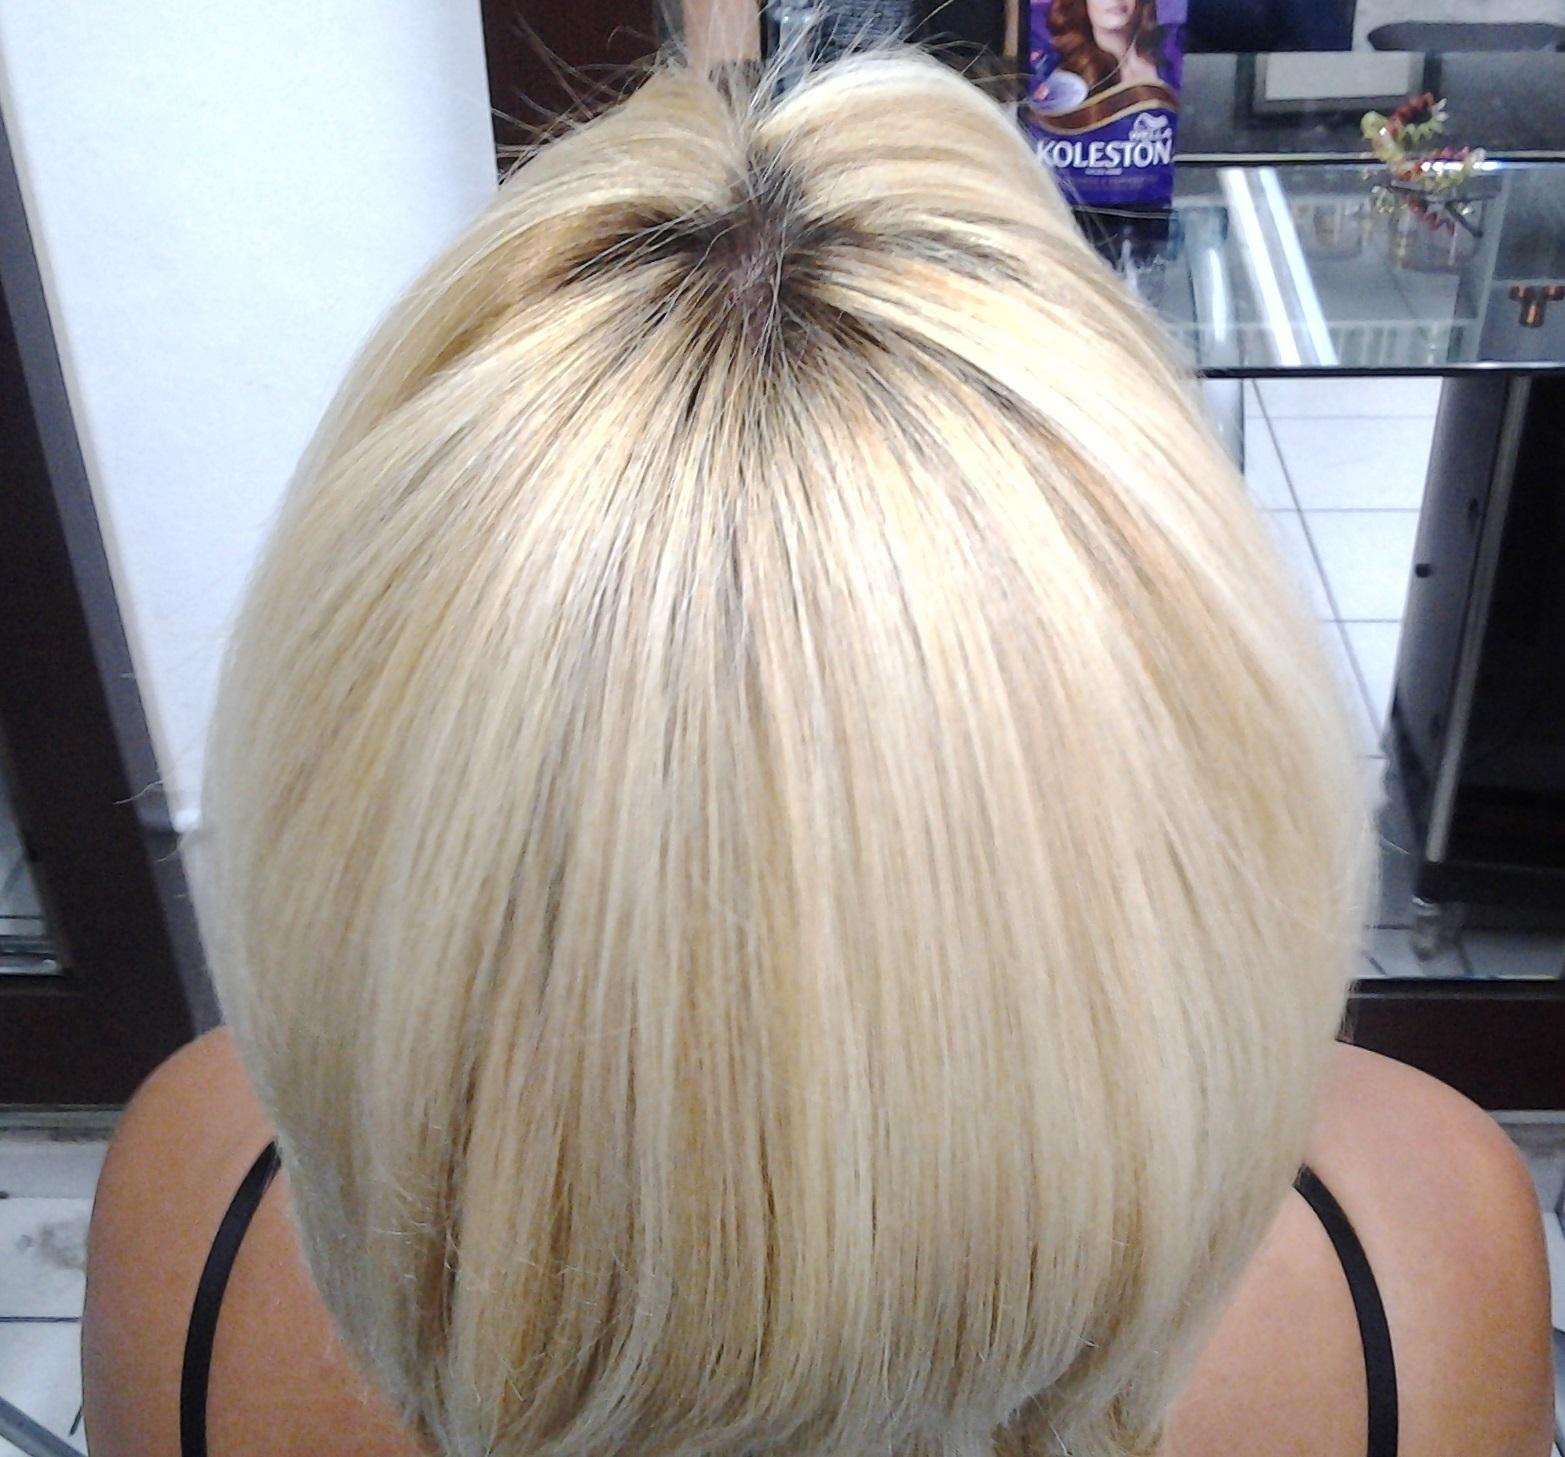 Cabelo curto loiro  cabelo  cabeleireiro(a) massoterapeuta barbeiro(a) aromaterapeuta depilador(a) designer de sobrancelhas esteticista massagista stylist terapeuta visagista docente / professor(a) supervisor(a)